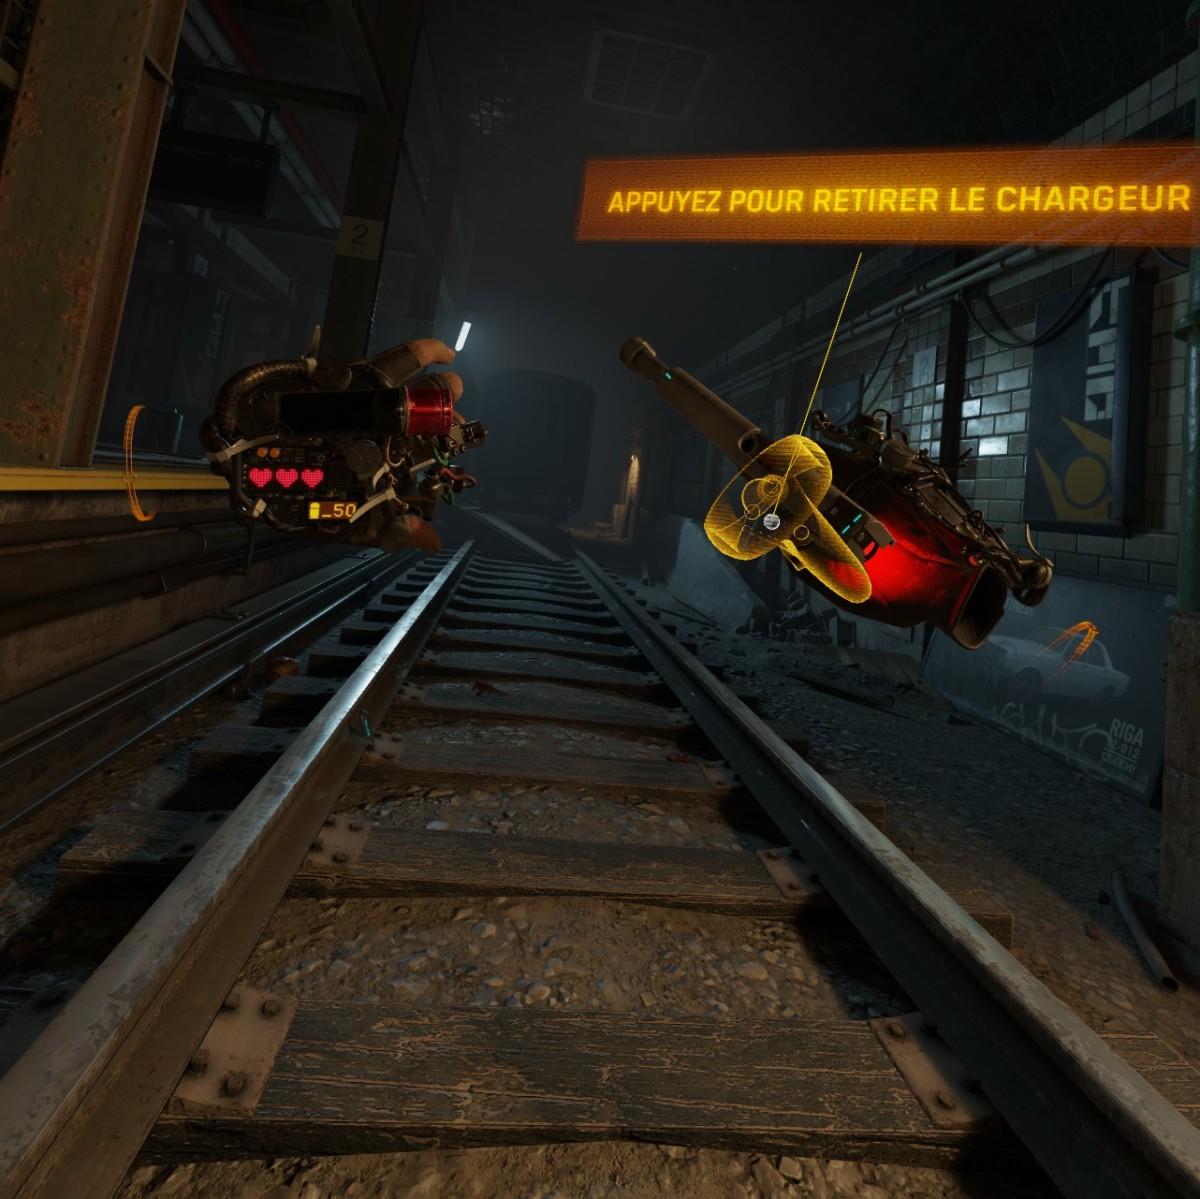 Les contrôleurs Oculus Touch sont gérés nativement dans Half Life Alyx